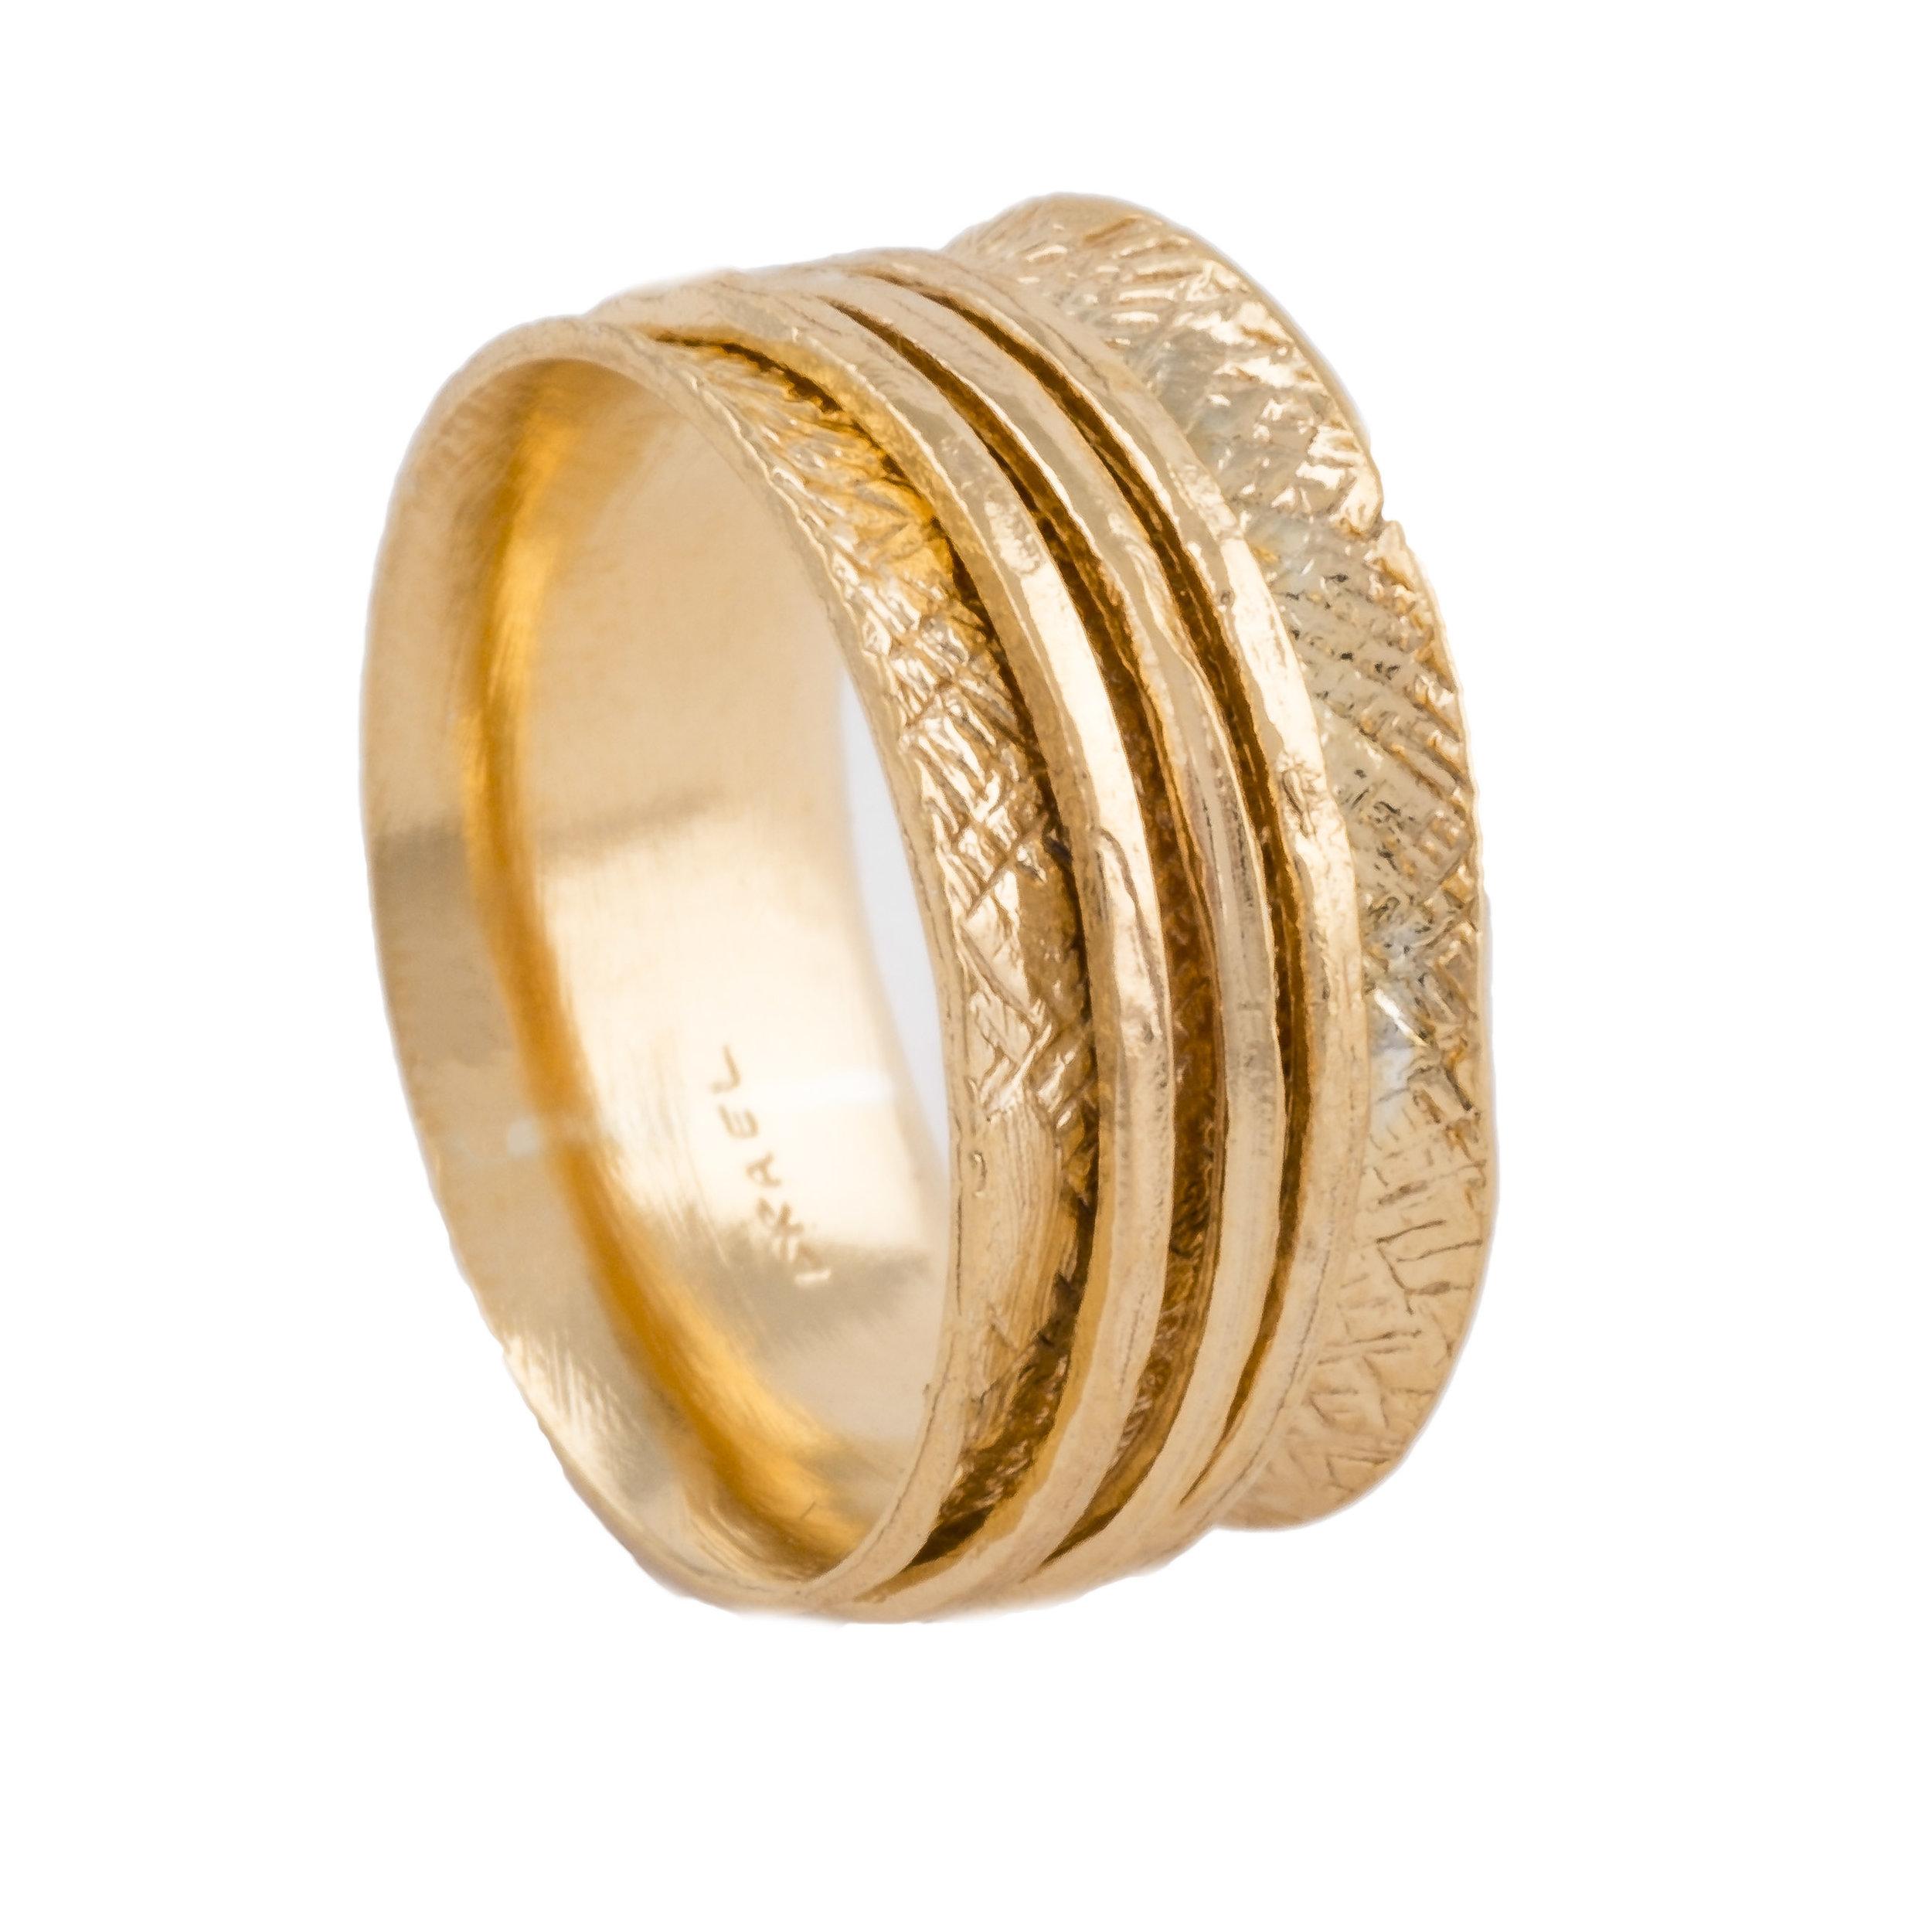 Rings - 3000108-2 (1 of 1)-Edit.jpg